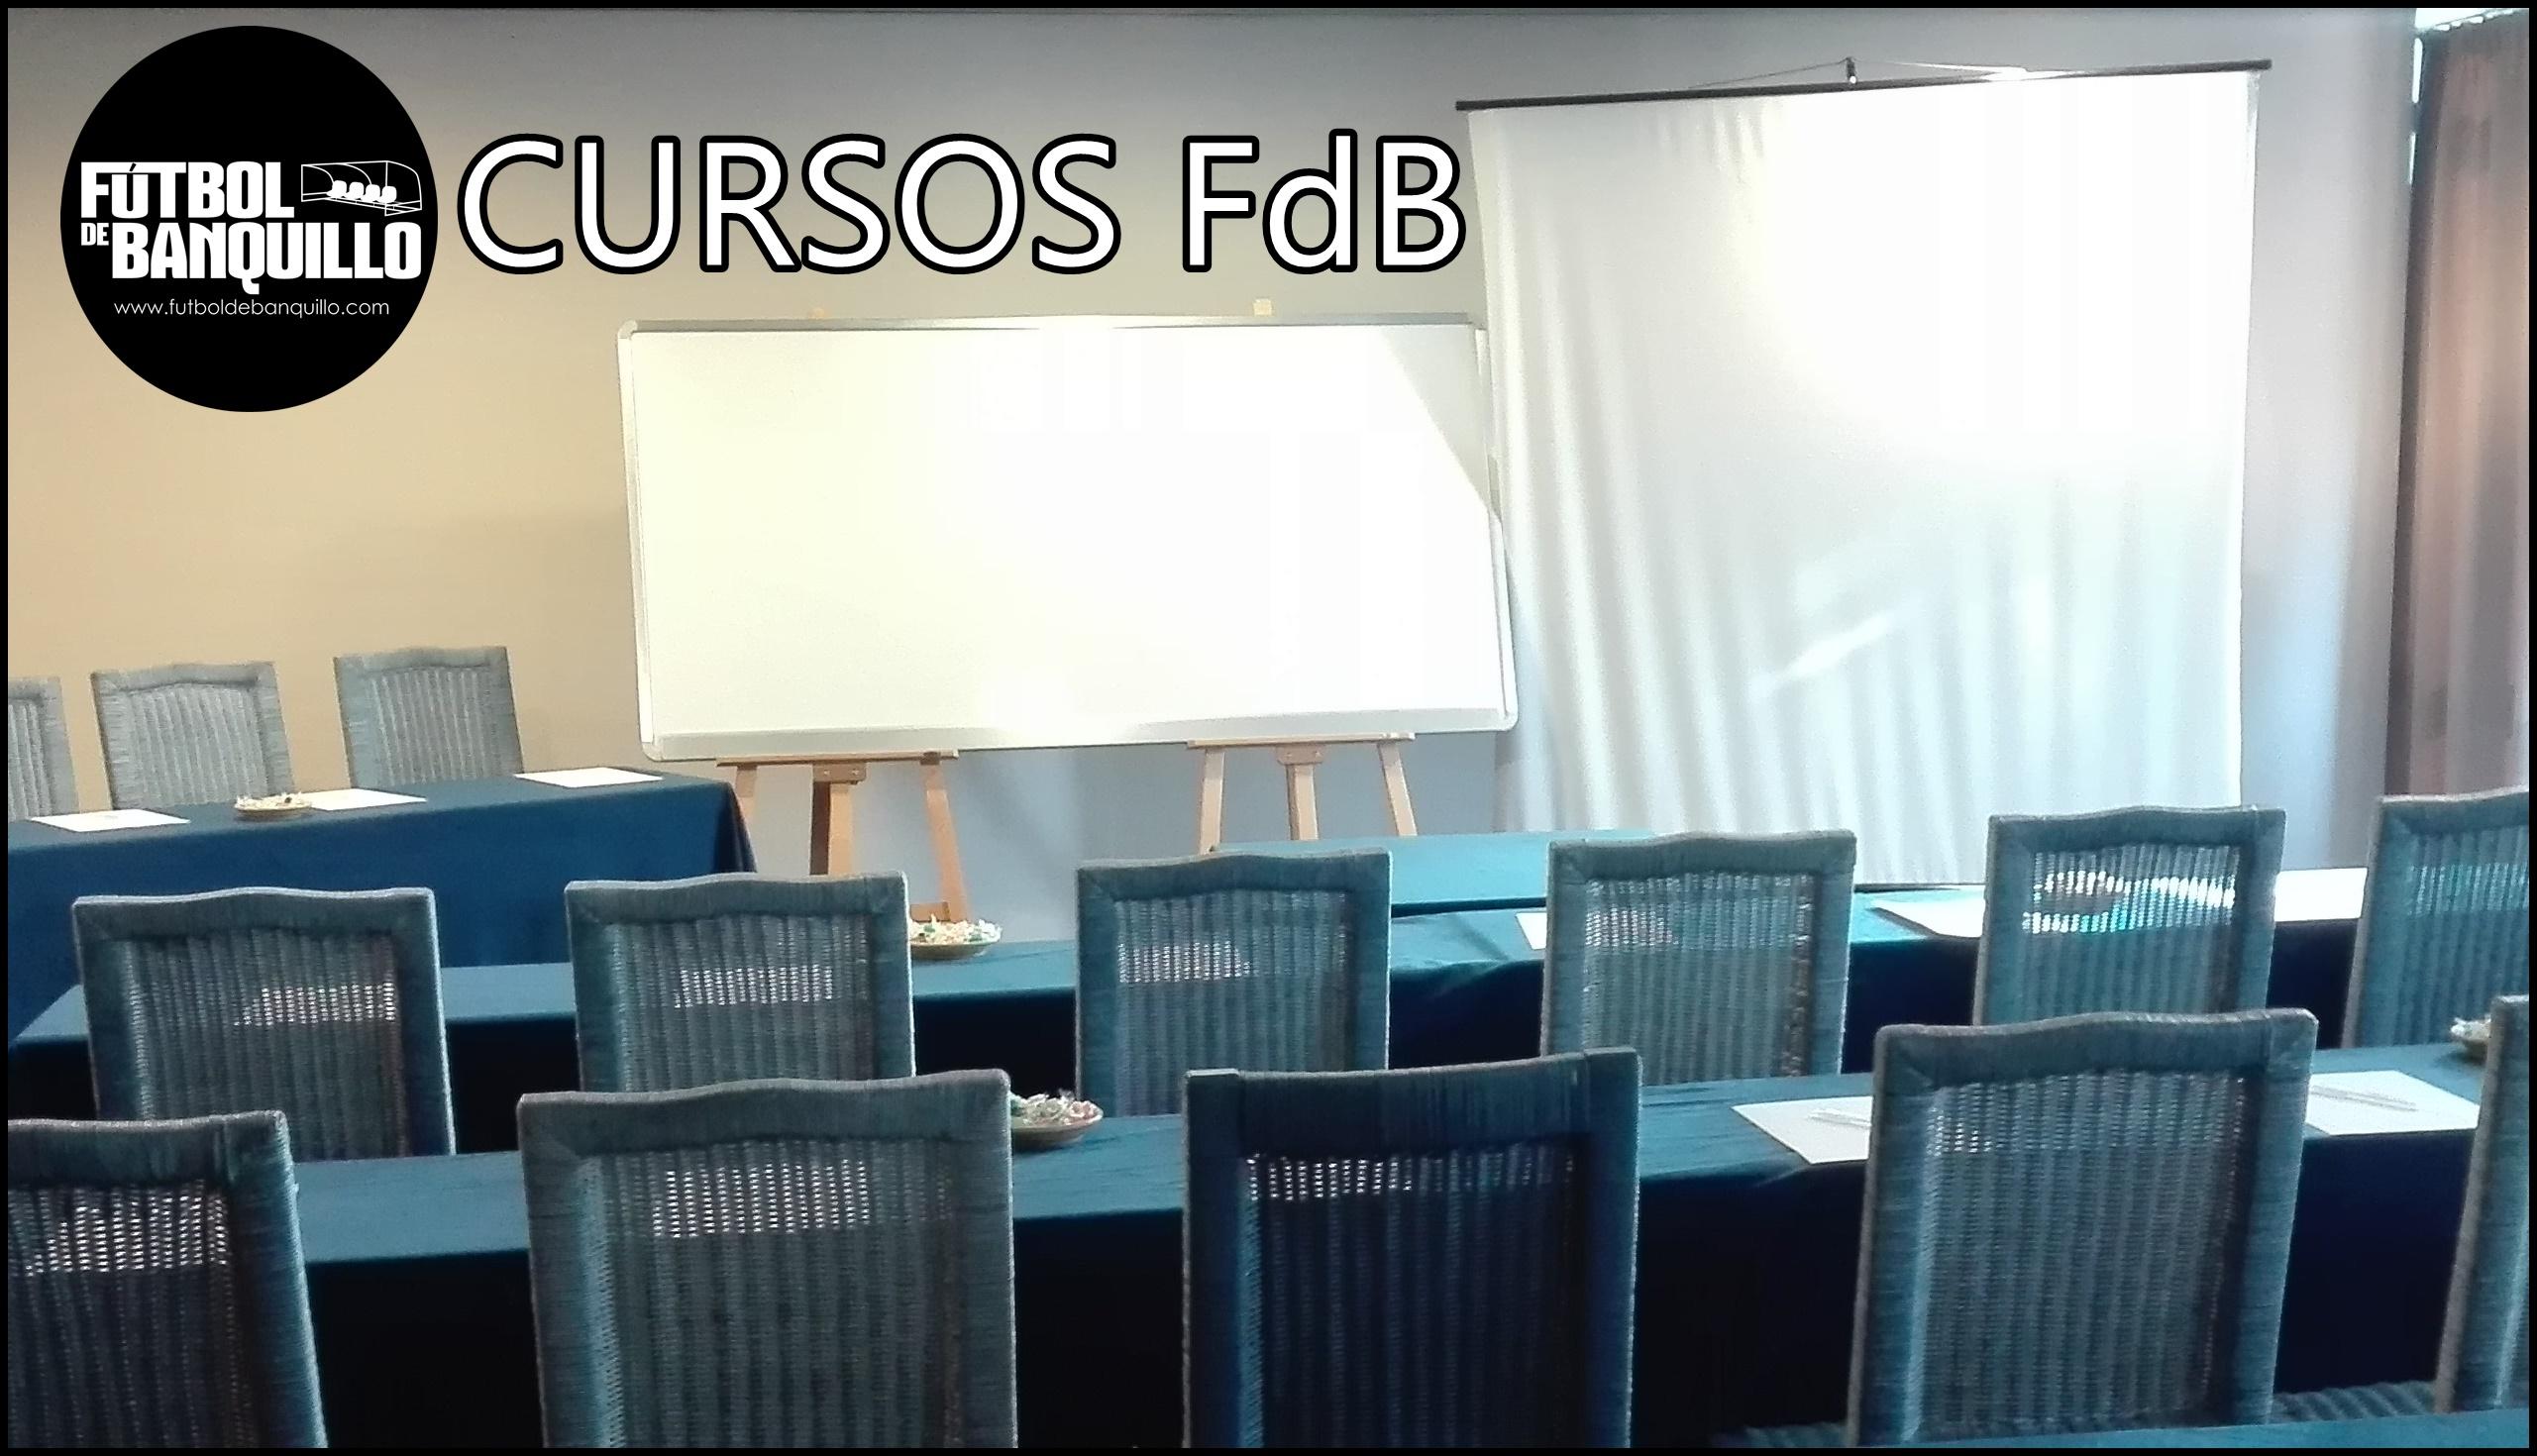 cursosfdb